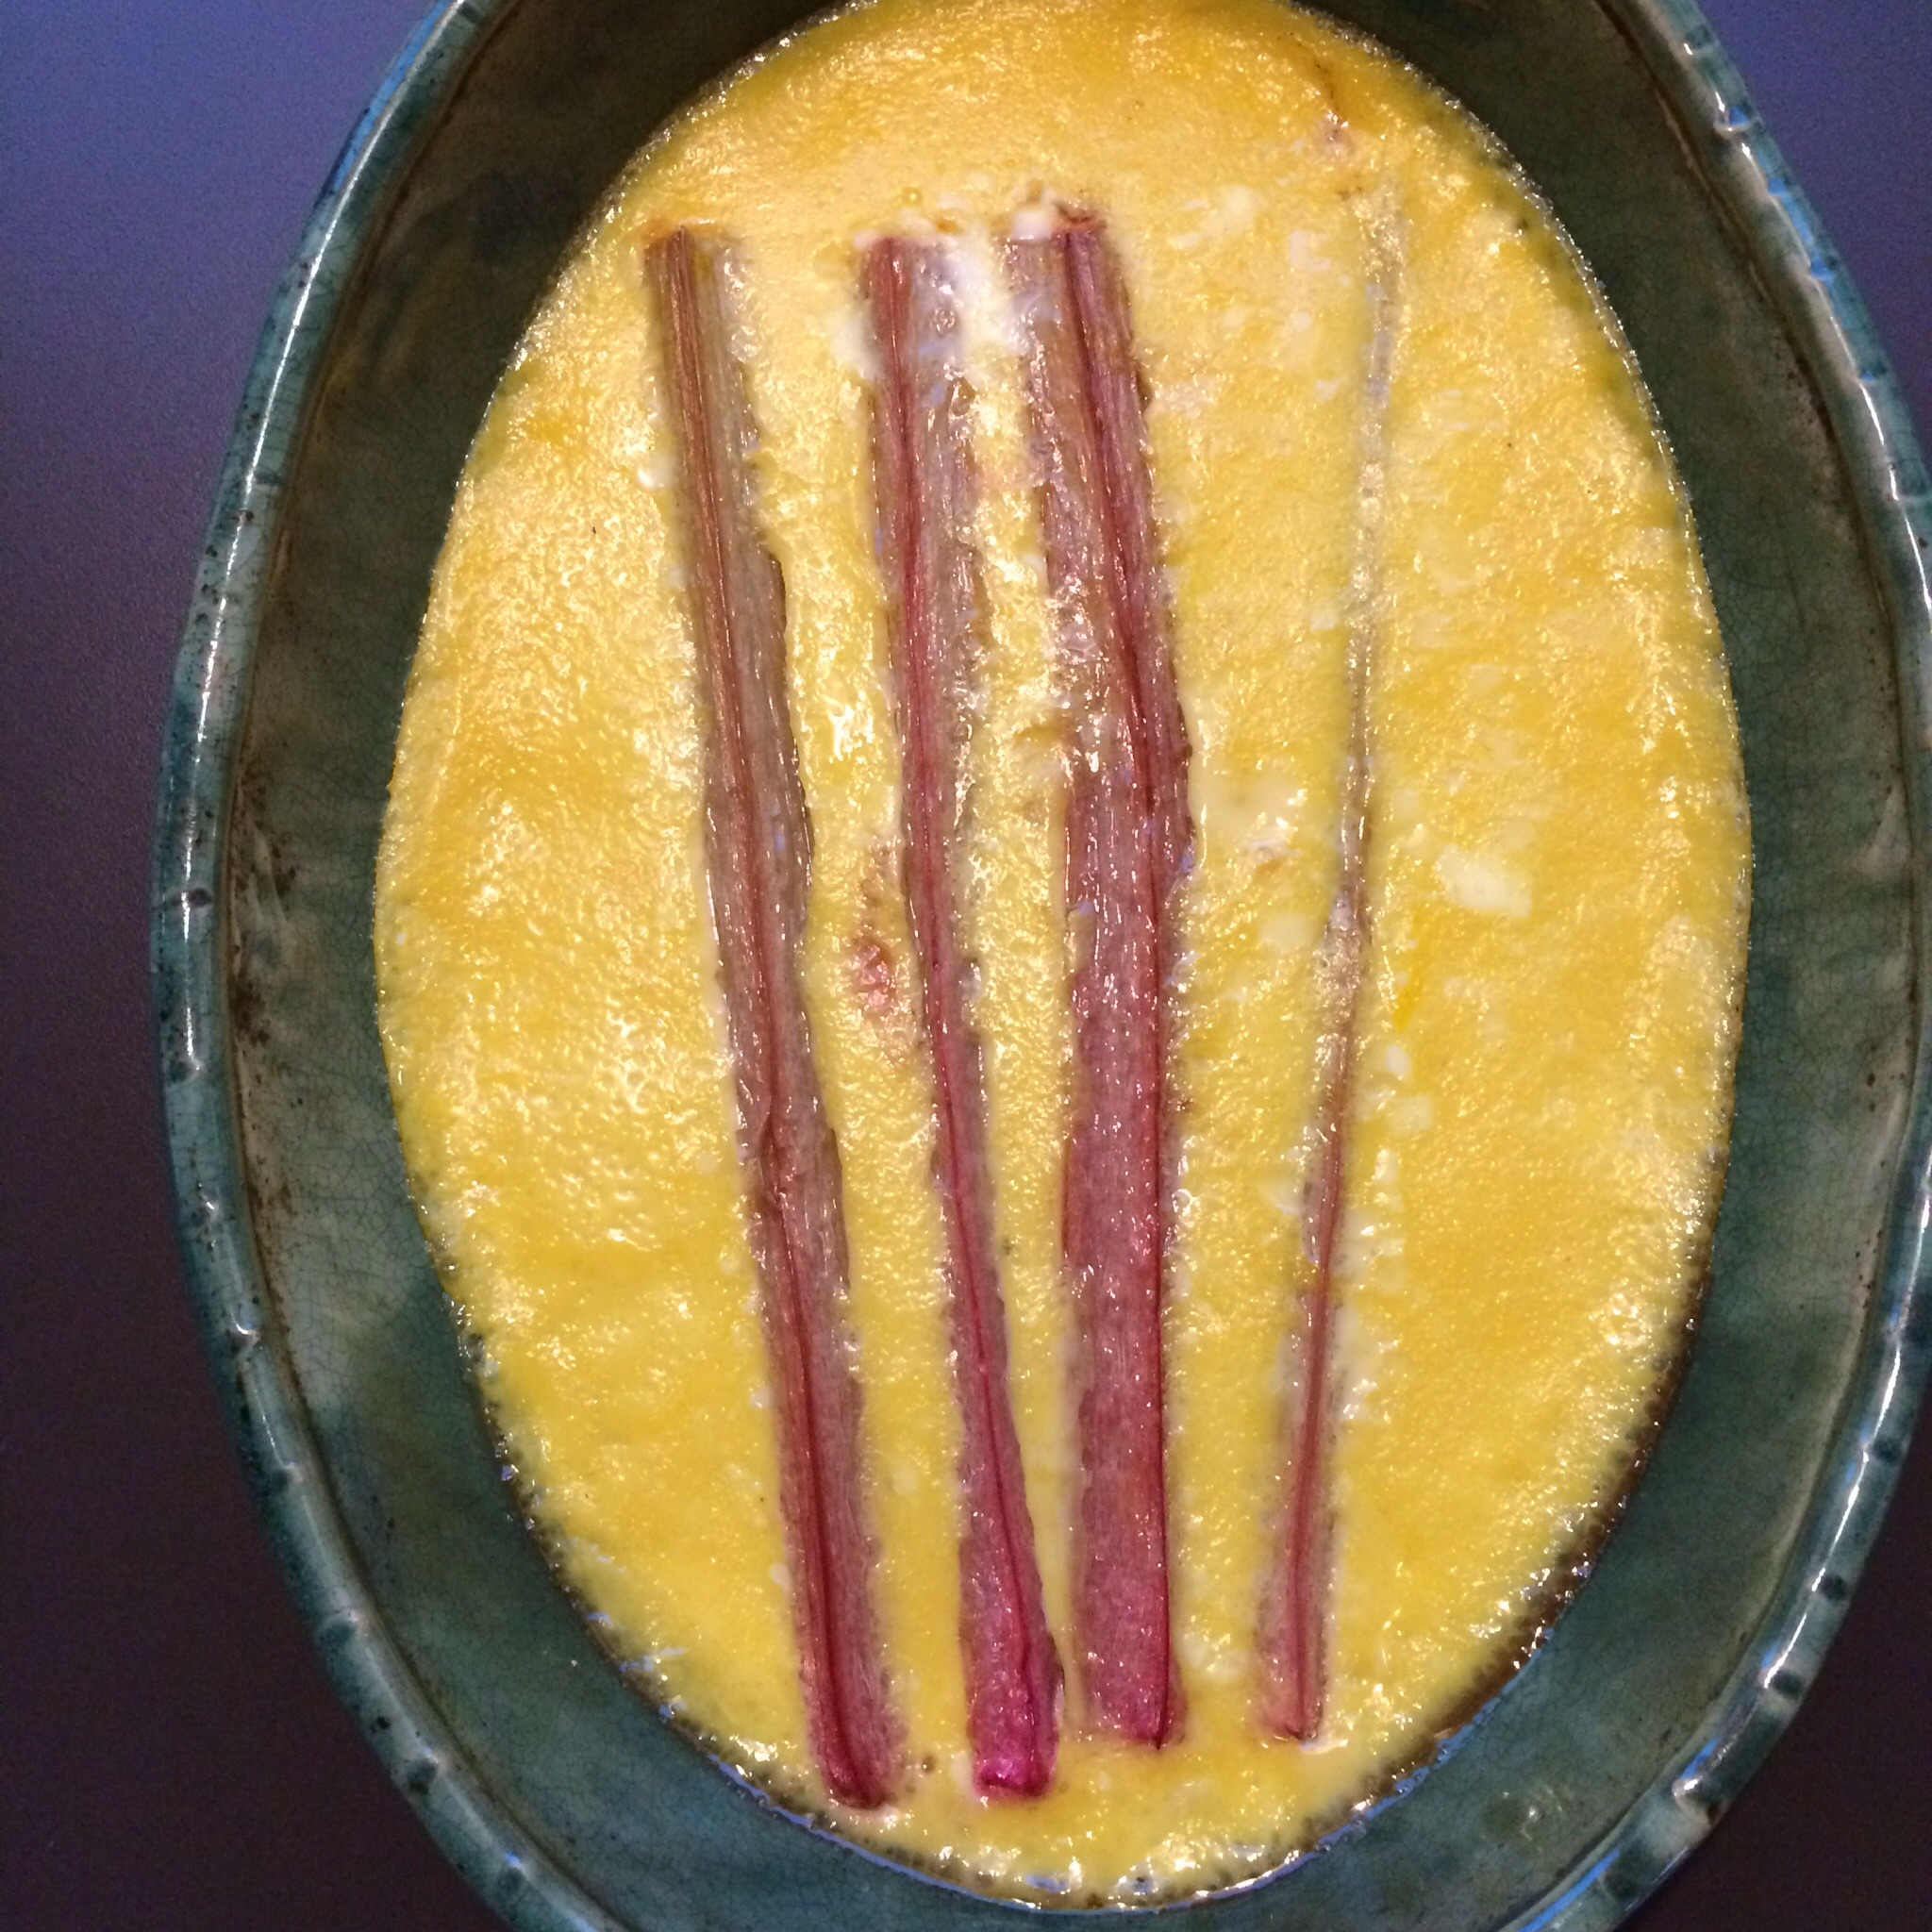 Rhubarb custard for dessert.